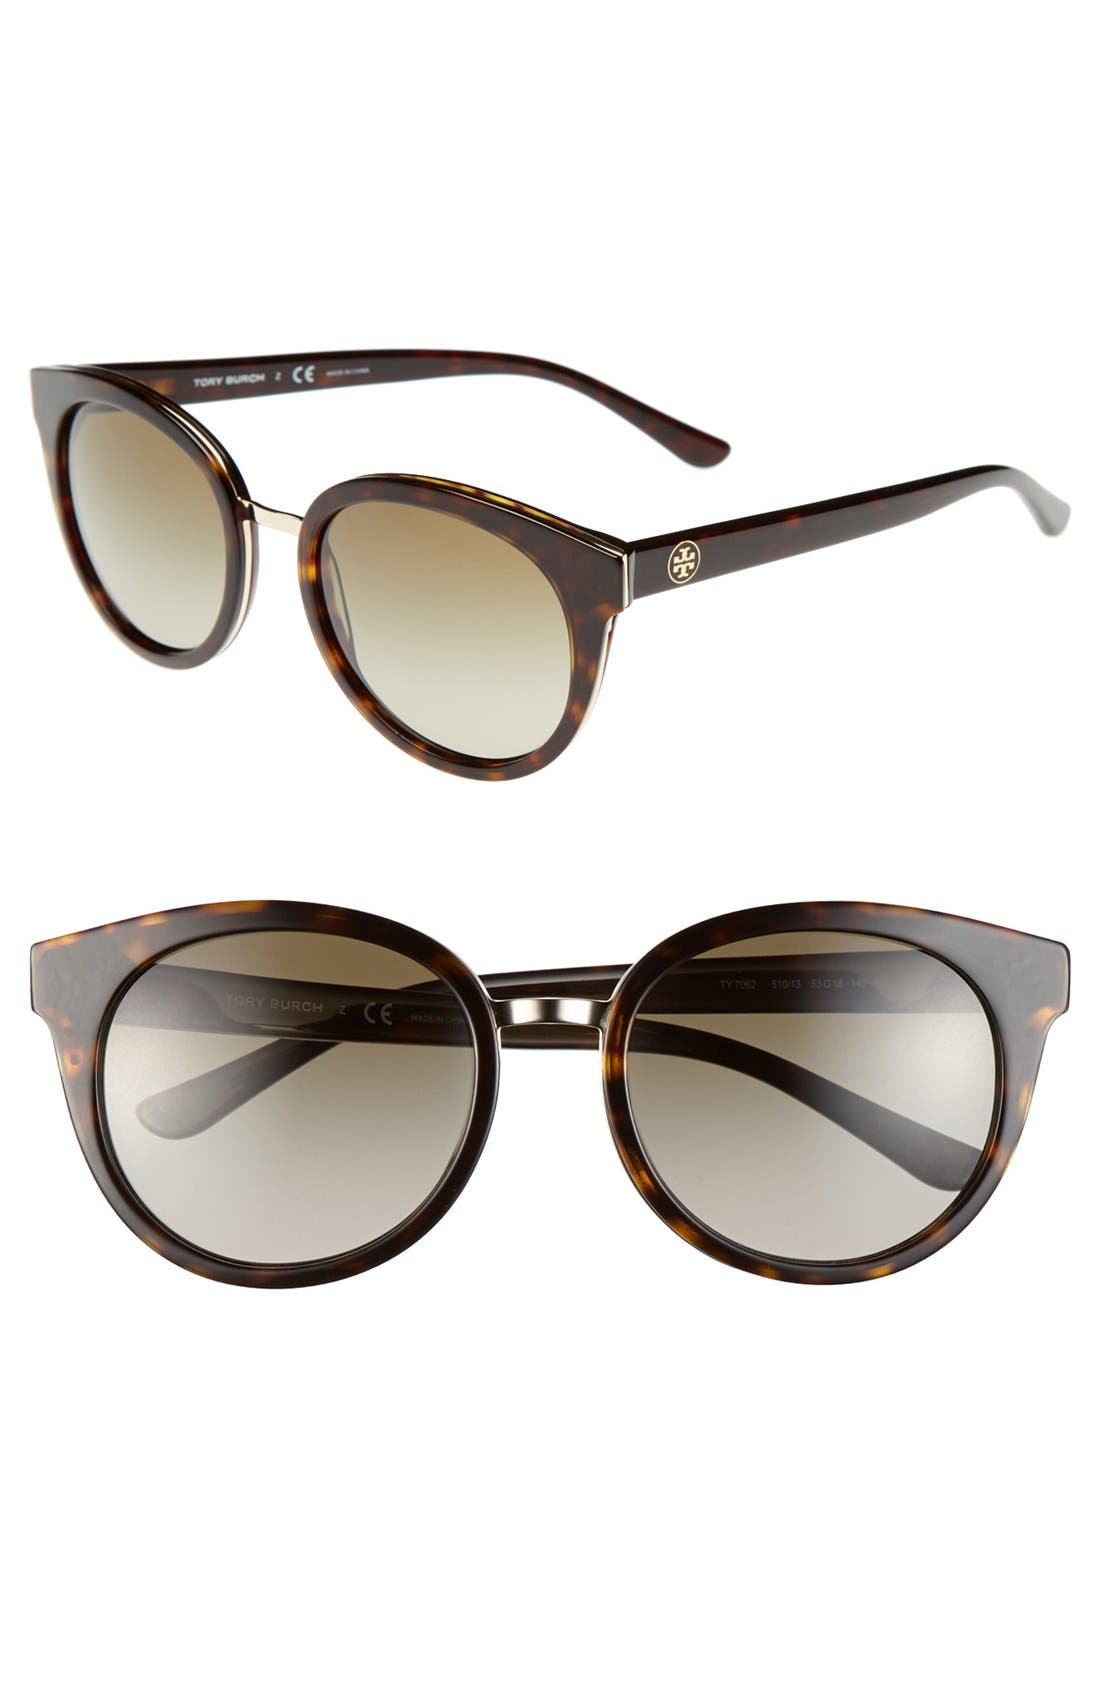 TORY BURCH Phantos 53mm Retro Sunglasses